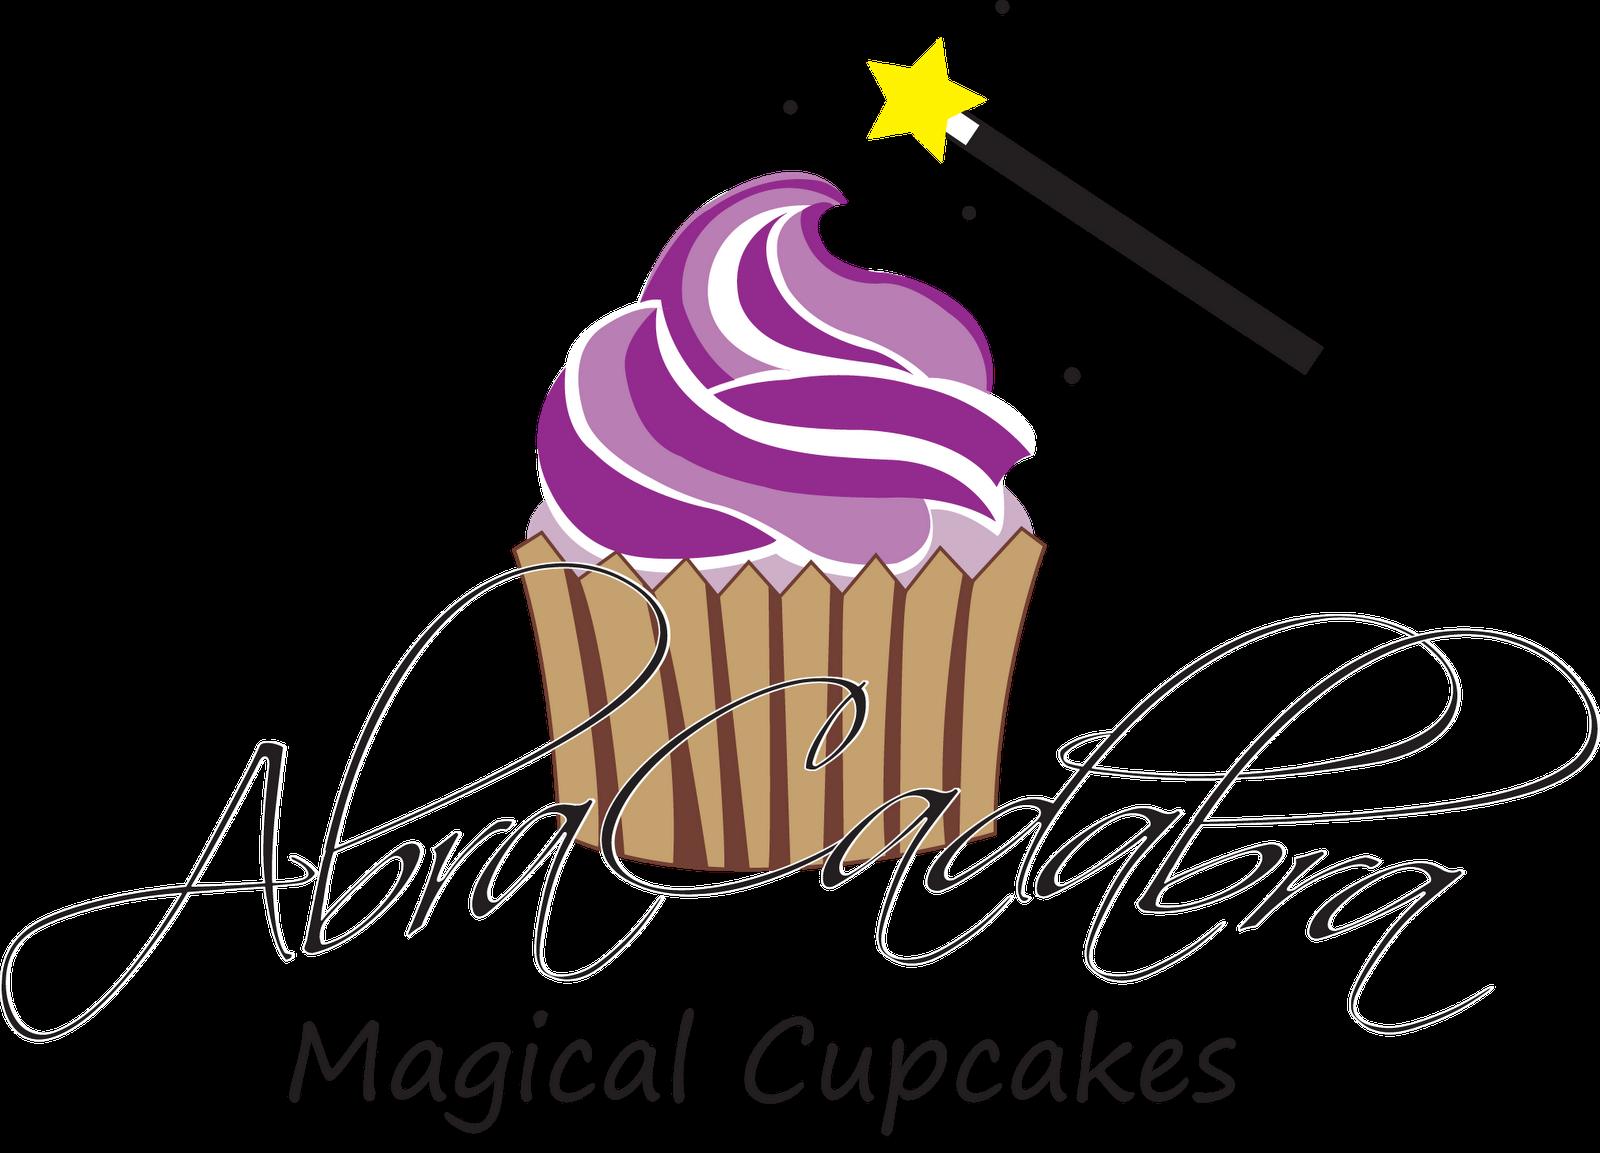 Abracadabra Magical Cupcakes